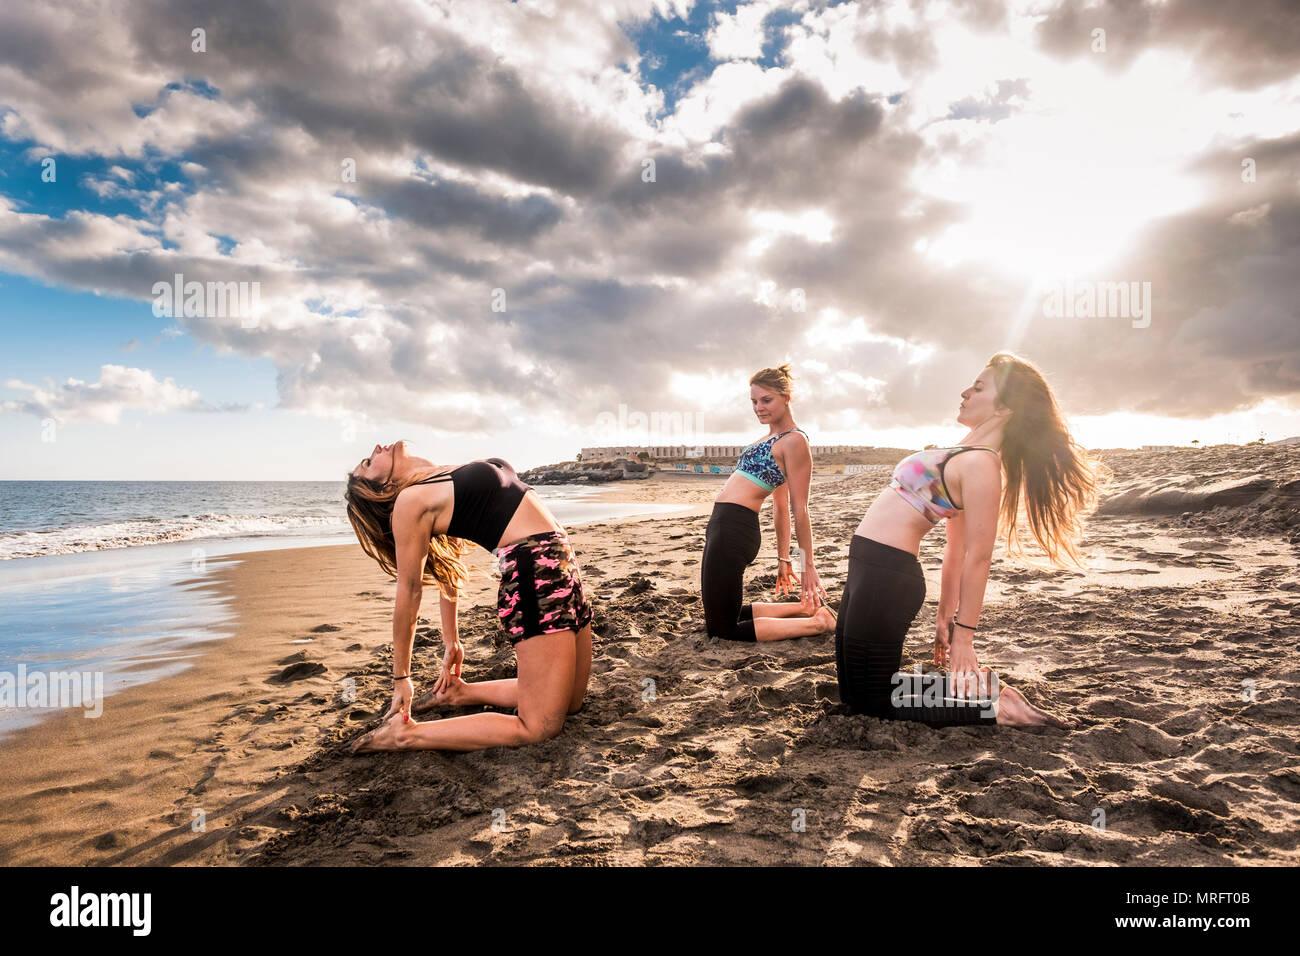 Pilates und Lektion für eine Gruppe von Menschen am Strand. Drei junge schöne Modell Frauen Fitness am Ufer in der Nähe des Ozeans Wasser. Wunder Stockbild